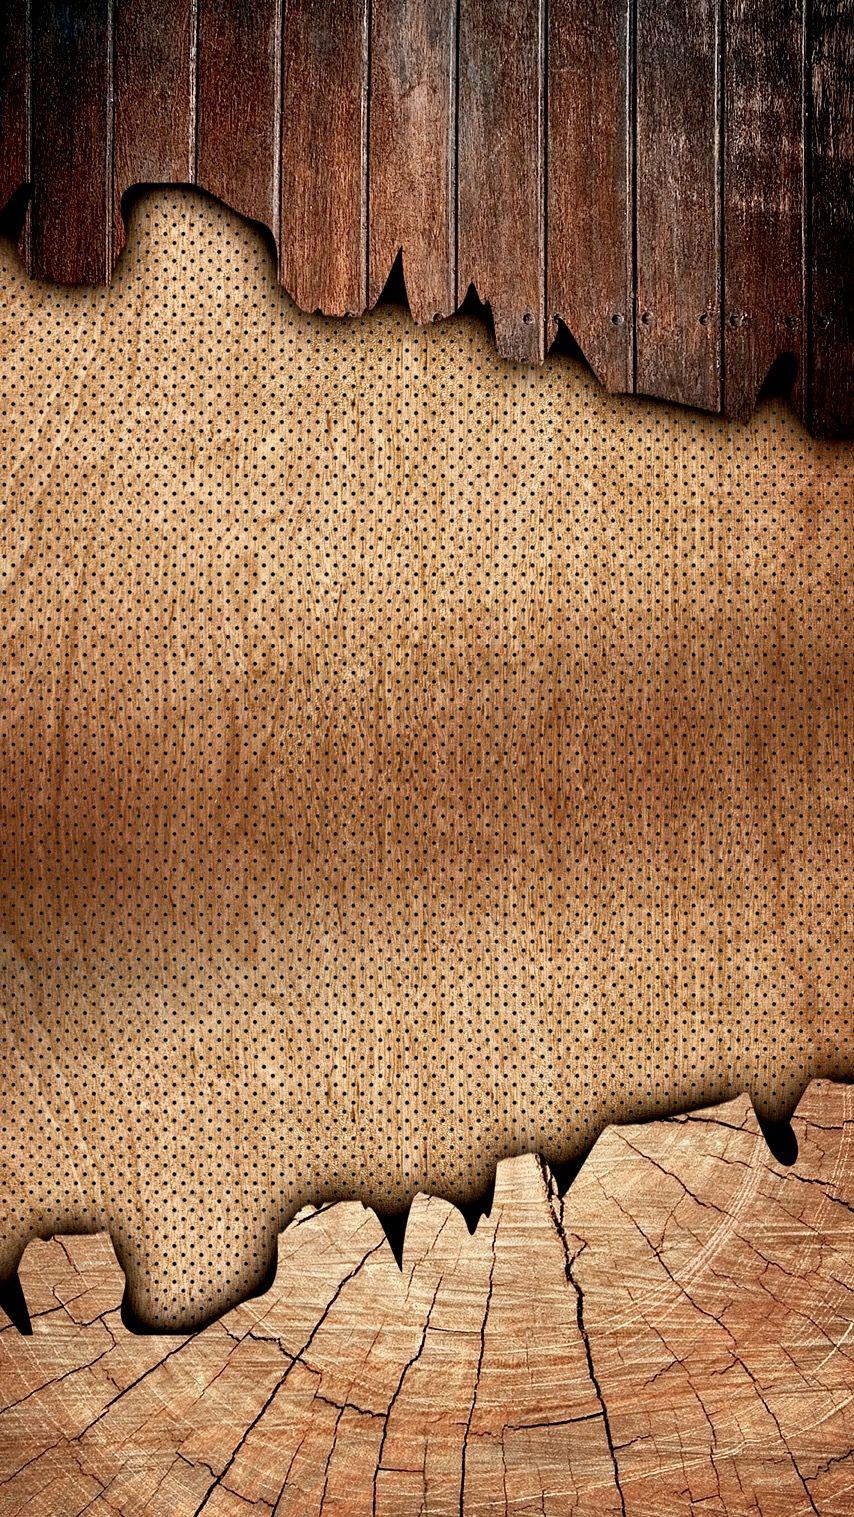 Download 440 Background Keren Kayu HD Terbaik